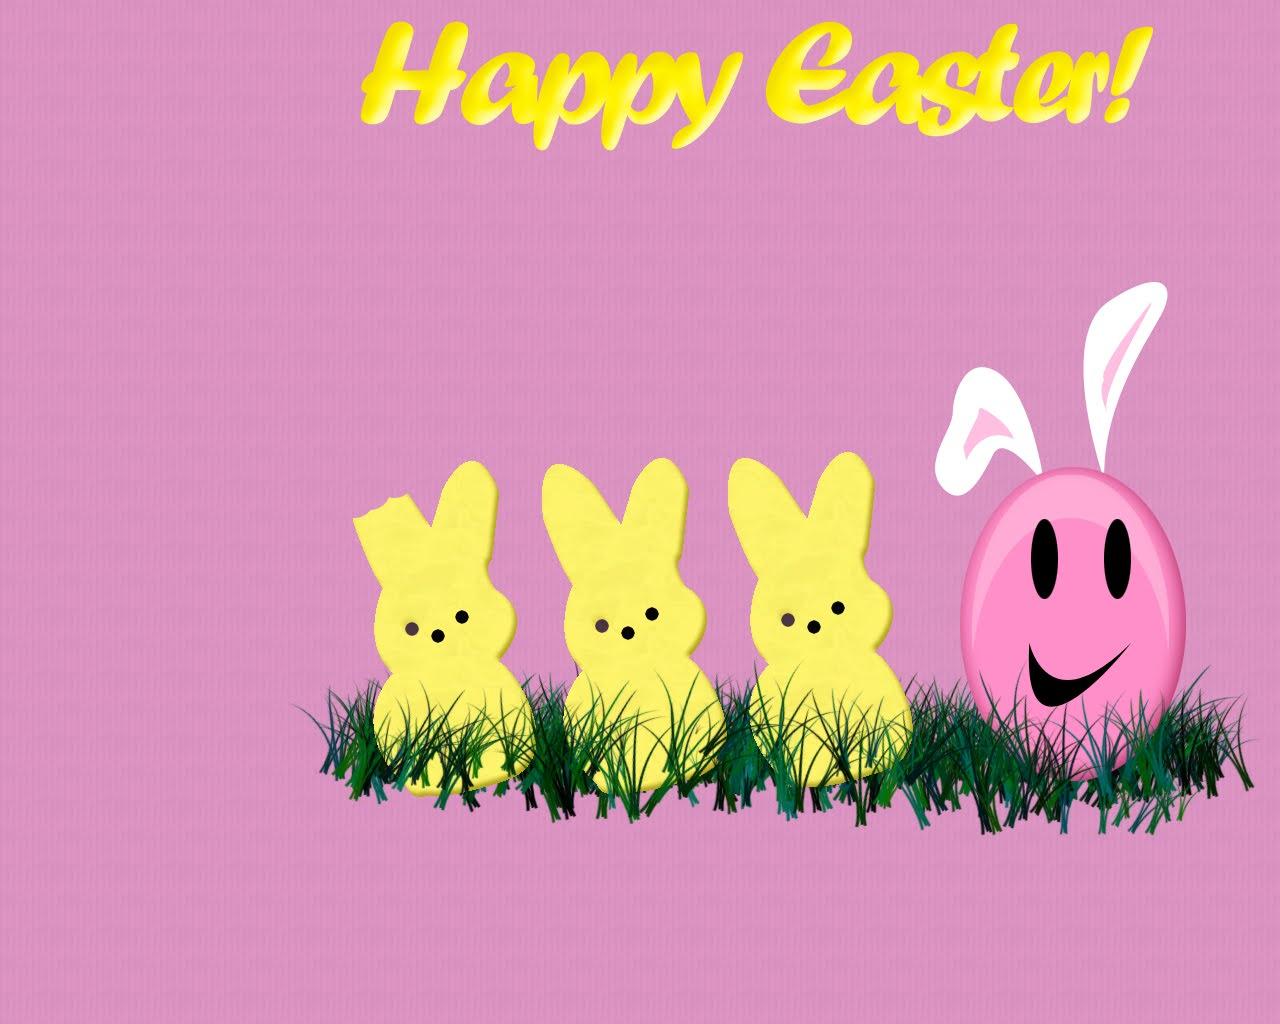 Funny Easter Wallpapers for Desktop Backgrounds Desktop Background 1280x1024